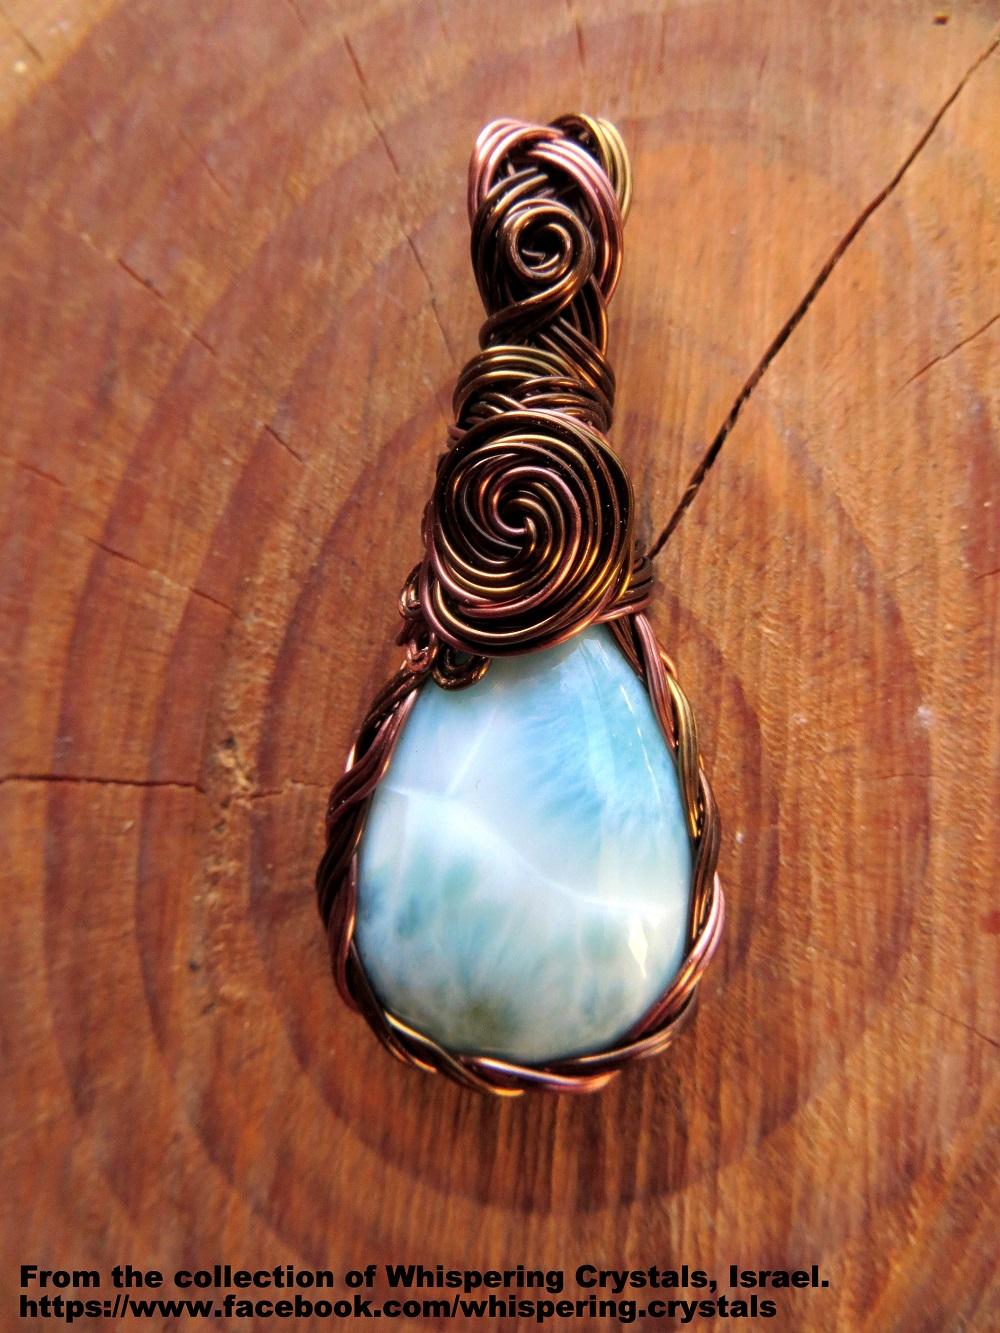 תליון לרימר משובצת בנחושת. מהאוסף של 'וויספרינג קריסטלס' www.facebook.com/whispering.crystals